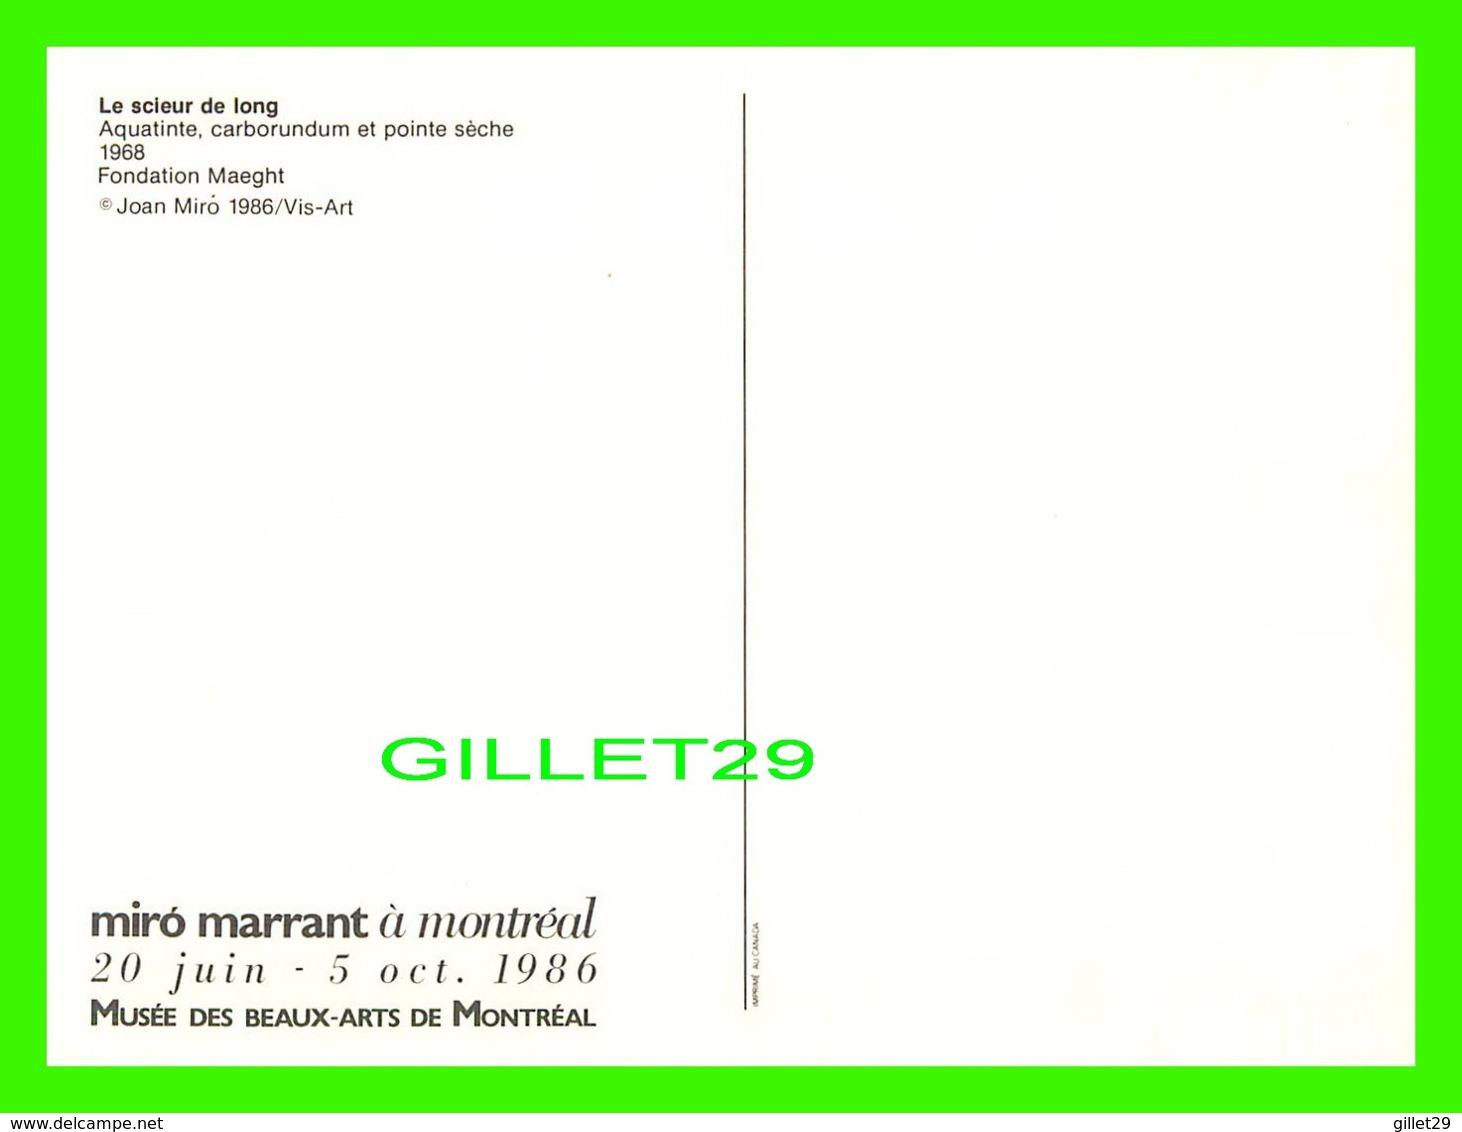 PUBLICITÉ - MIRO MARRANT À MONTRÉAL EN 1986, MUSÉE DES BEAUX-ARTS - LE SCIEUR DE LONG, 1968 - 12.5 X 17.5 Cm - Publicité